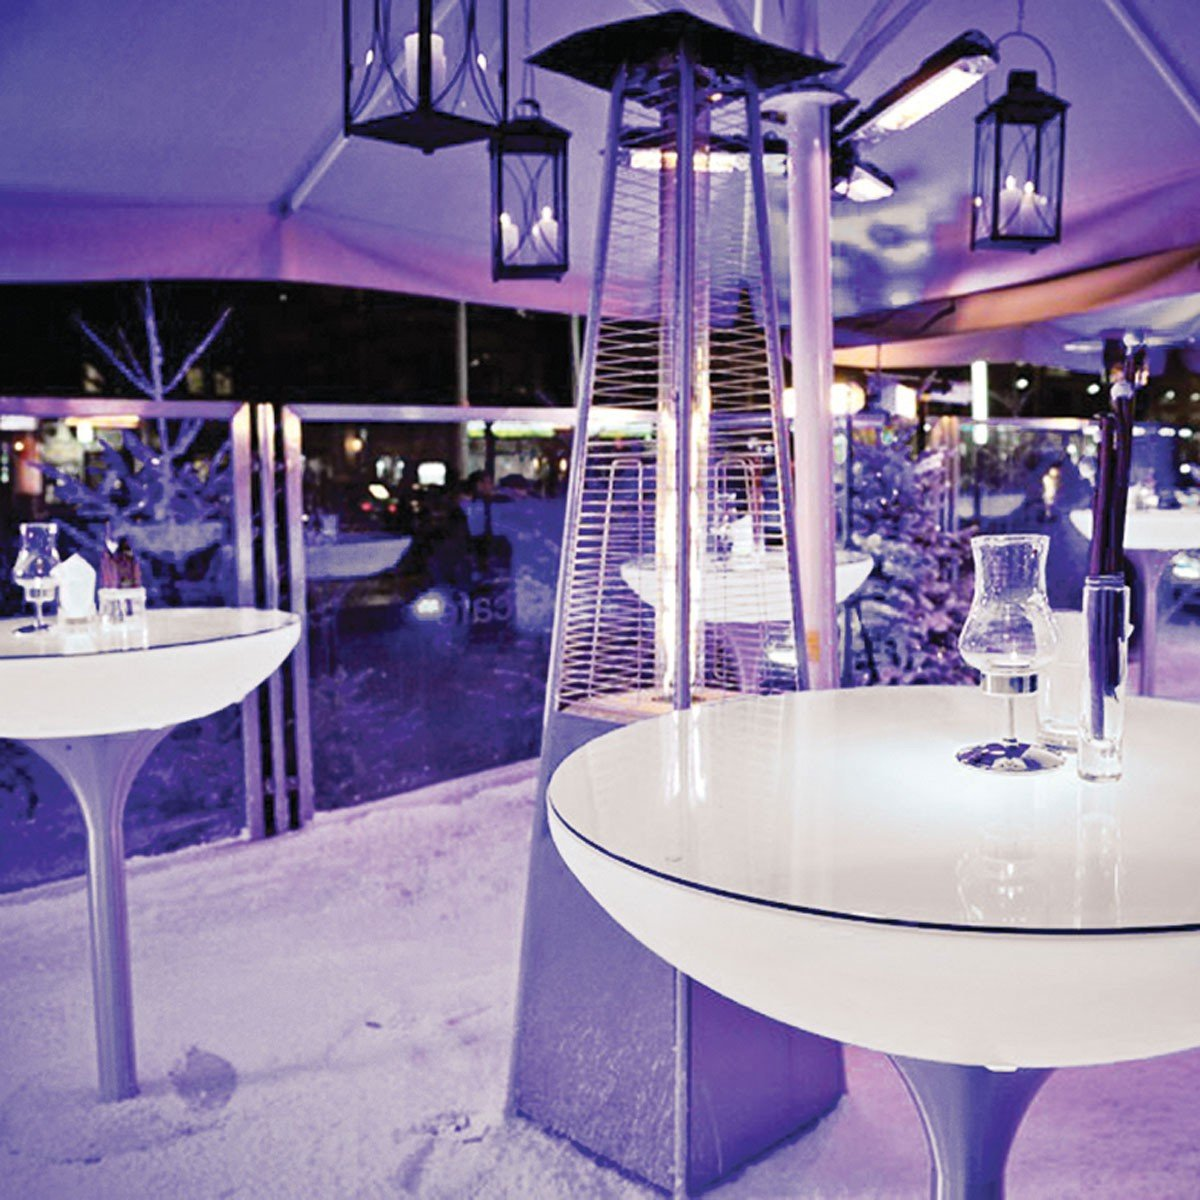 Couchtisch Lounge Größe: 105 cm H x 84 cm Ø online bestellen